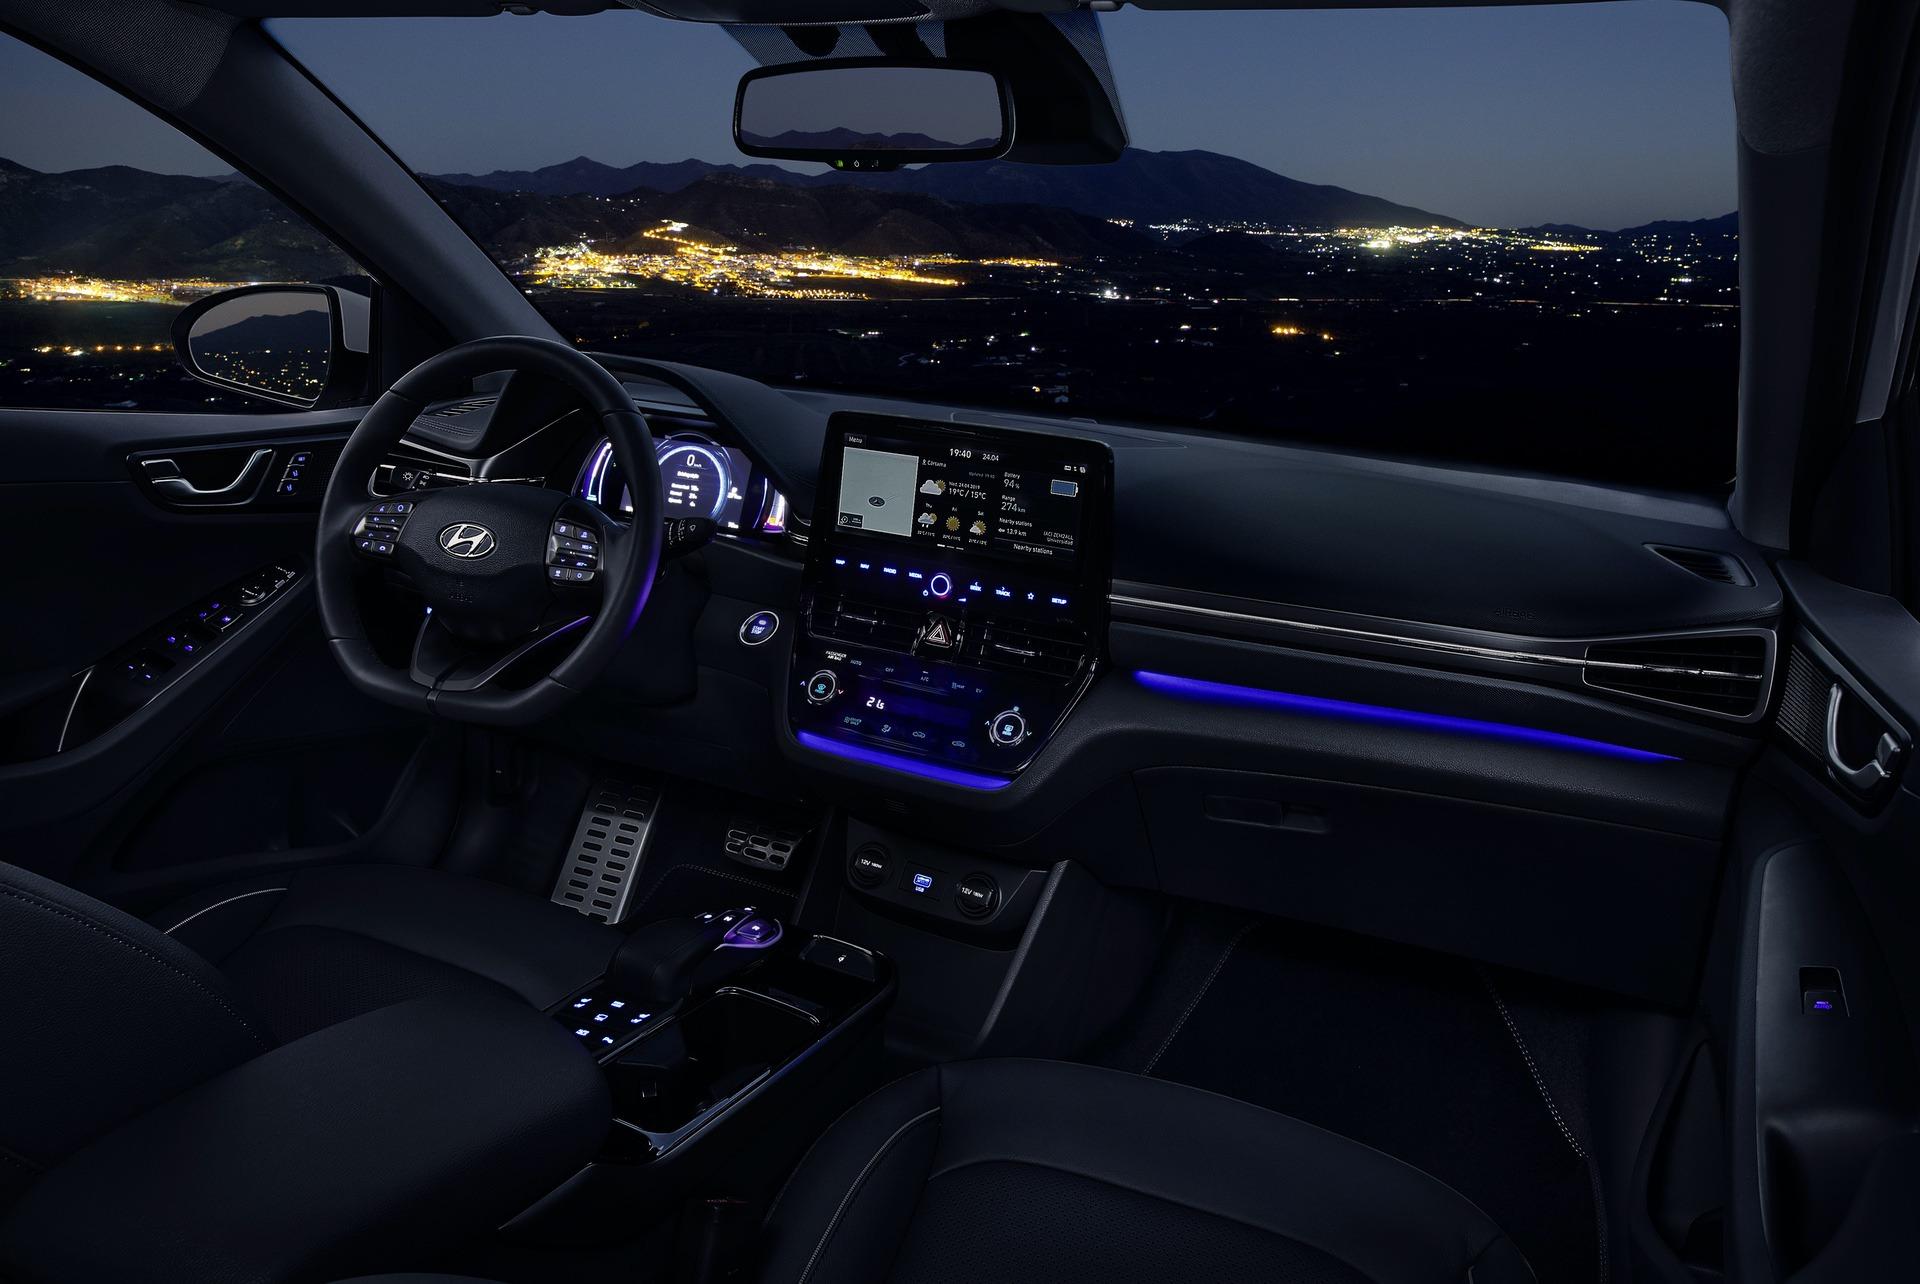 New-Hyundai-IONIQ-Electric-Interior-2